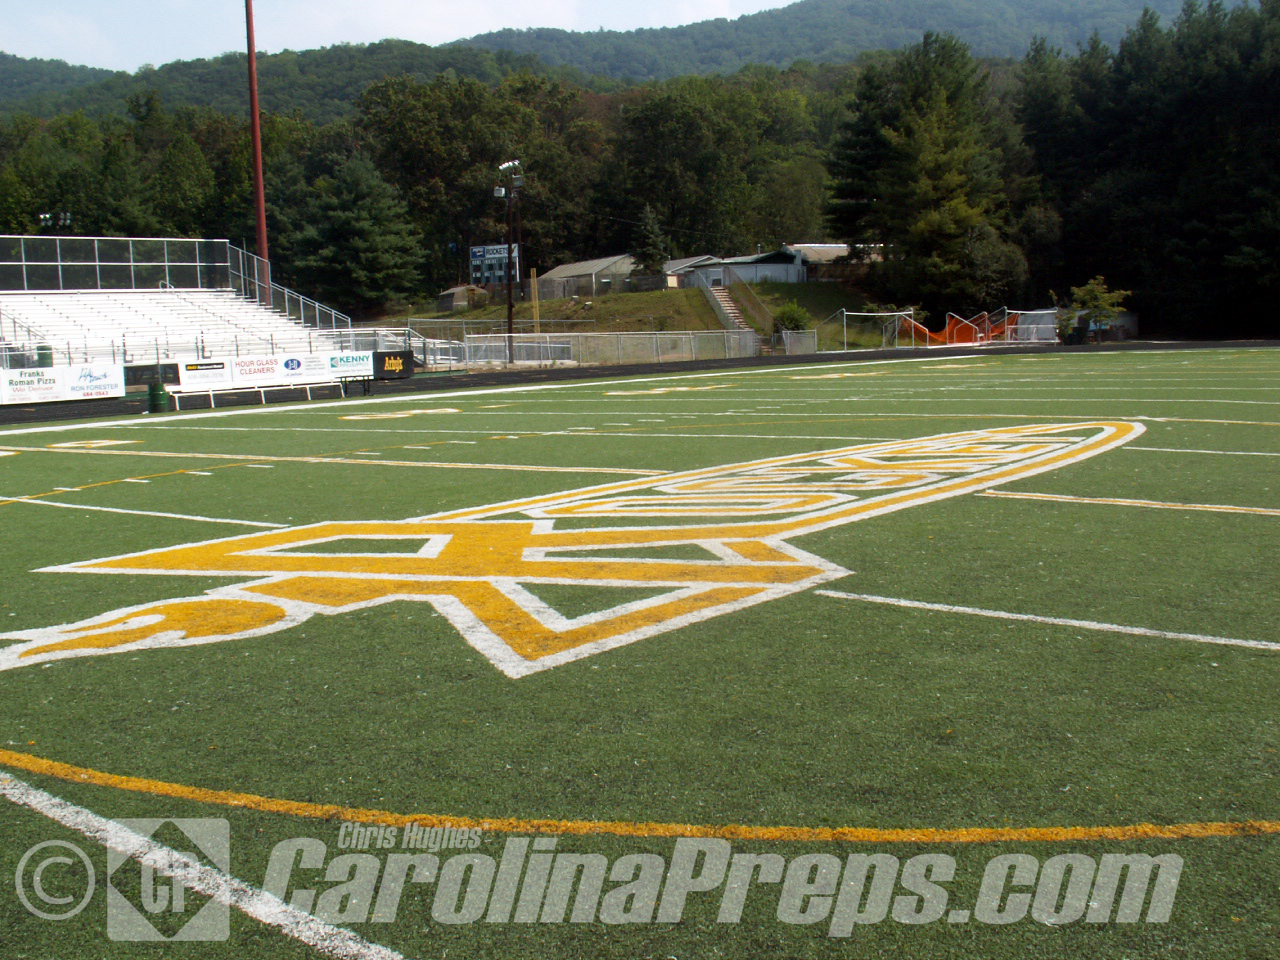 R.L. Dalton Stadium @ A.C. Reynolds High School in Asheville, N.C.<br /> <br /> Photo Credit: Chris Hughes 8/31/2008